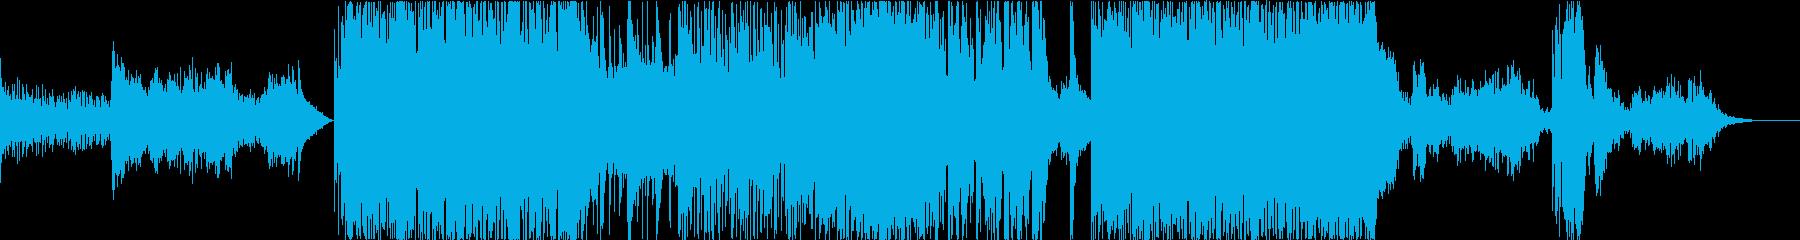 都節音階を使った和風ロックギター曲の再生済みの波形